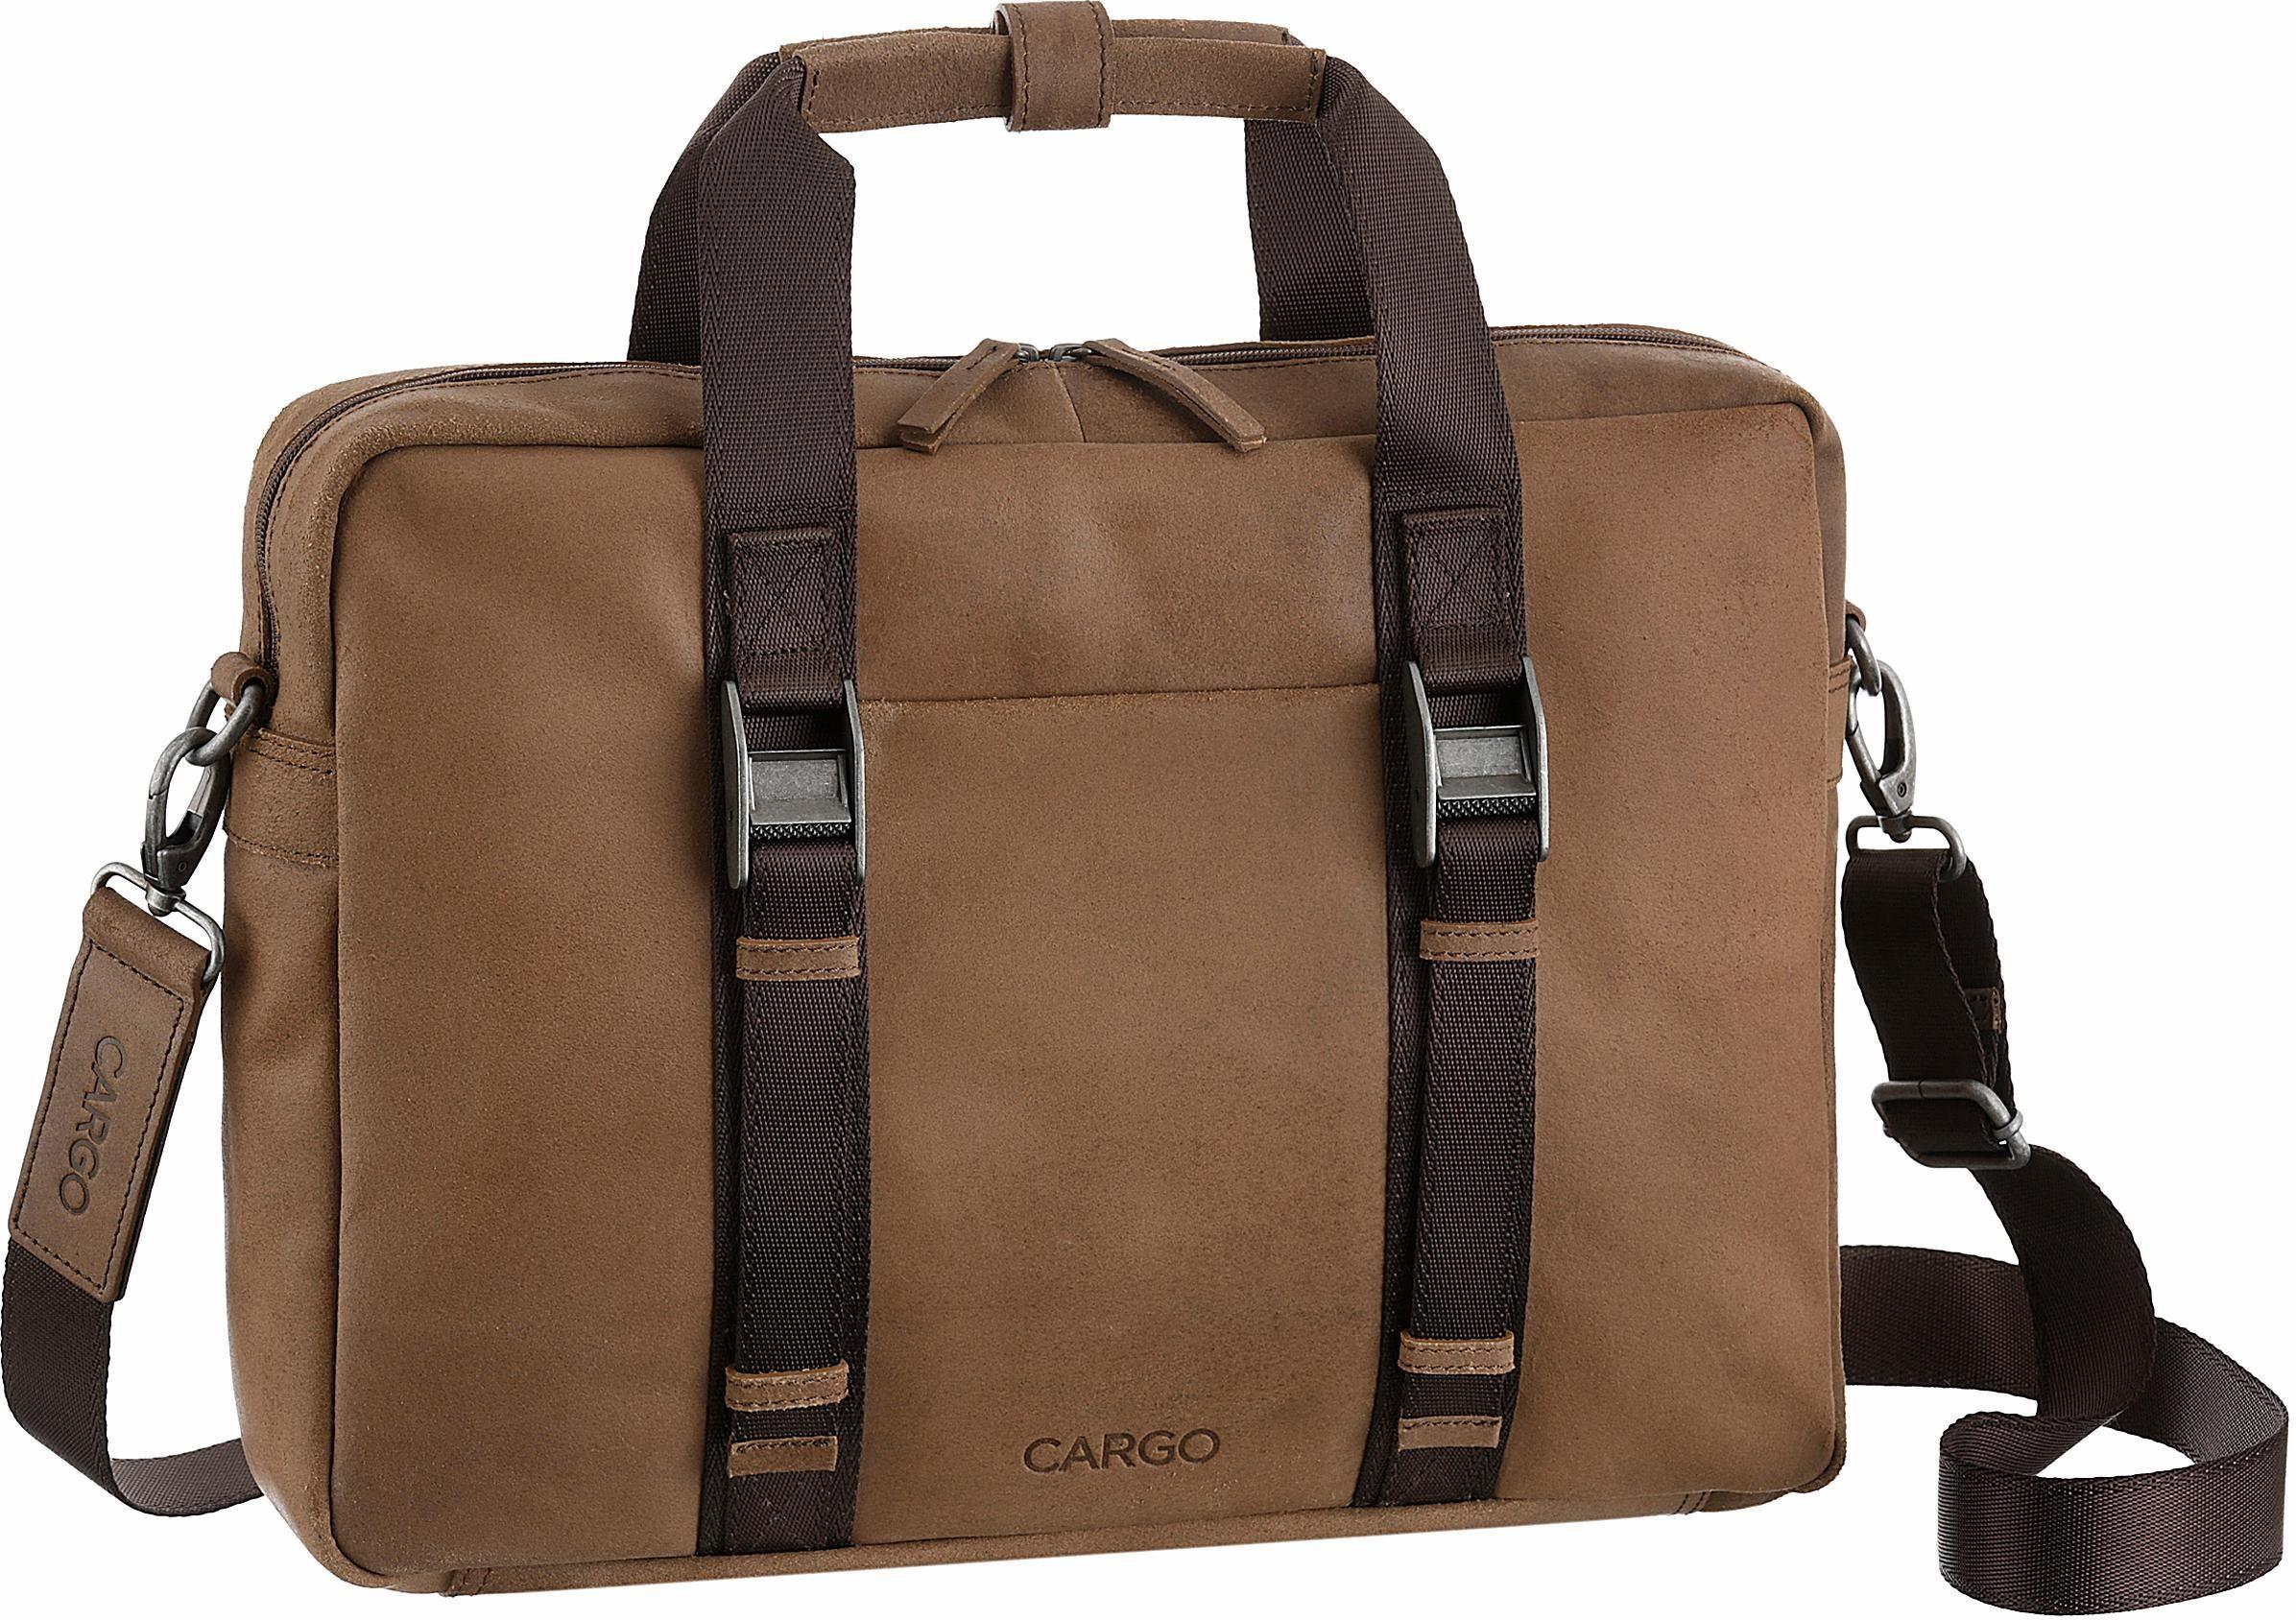 CARGO Businesstasche mit 13-Zoll Laptopfach, »Cargo 503, cognac«